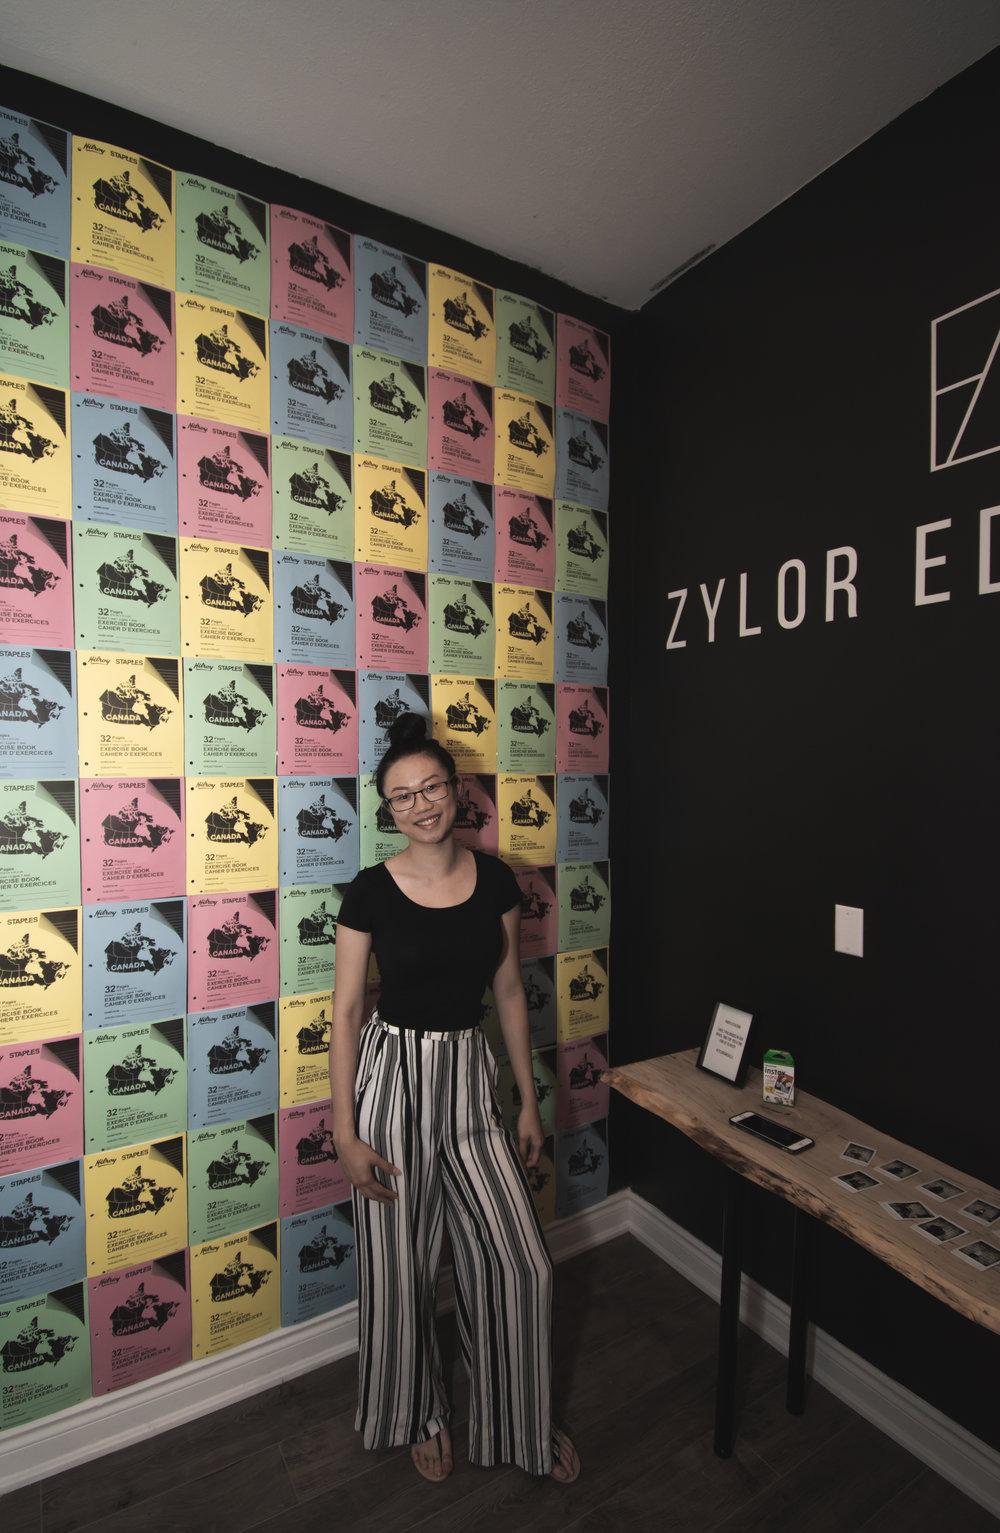 Zy_-27.jpg